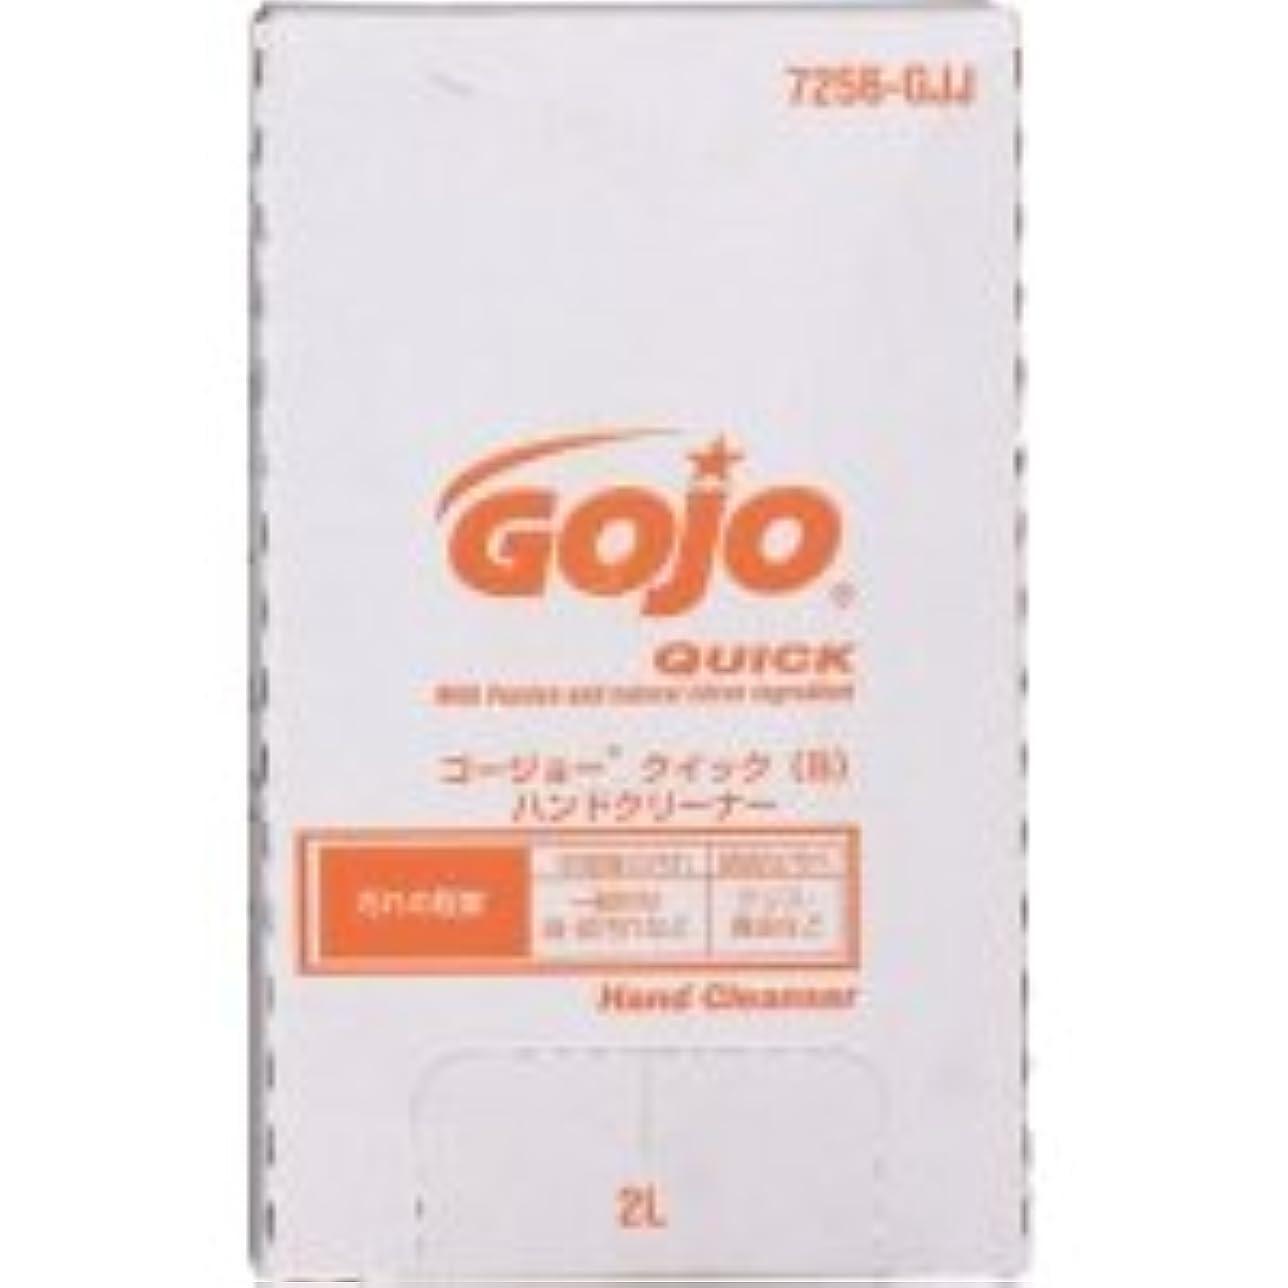 アミューズメント扱う画像GOJO クイック(S)ハンドクリーナー ディスペンサー用 2000ml 1個